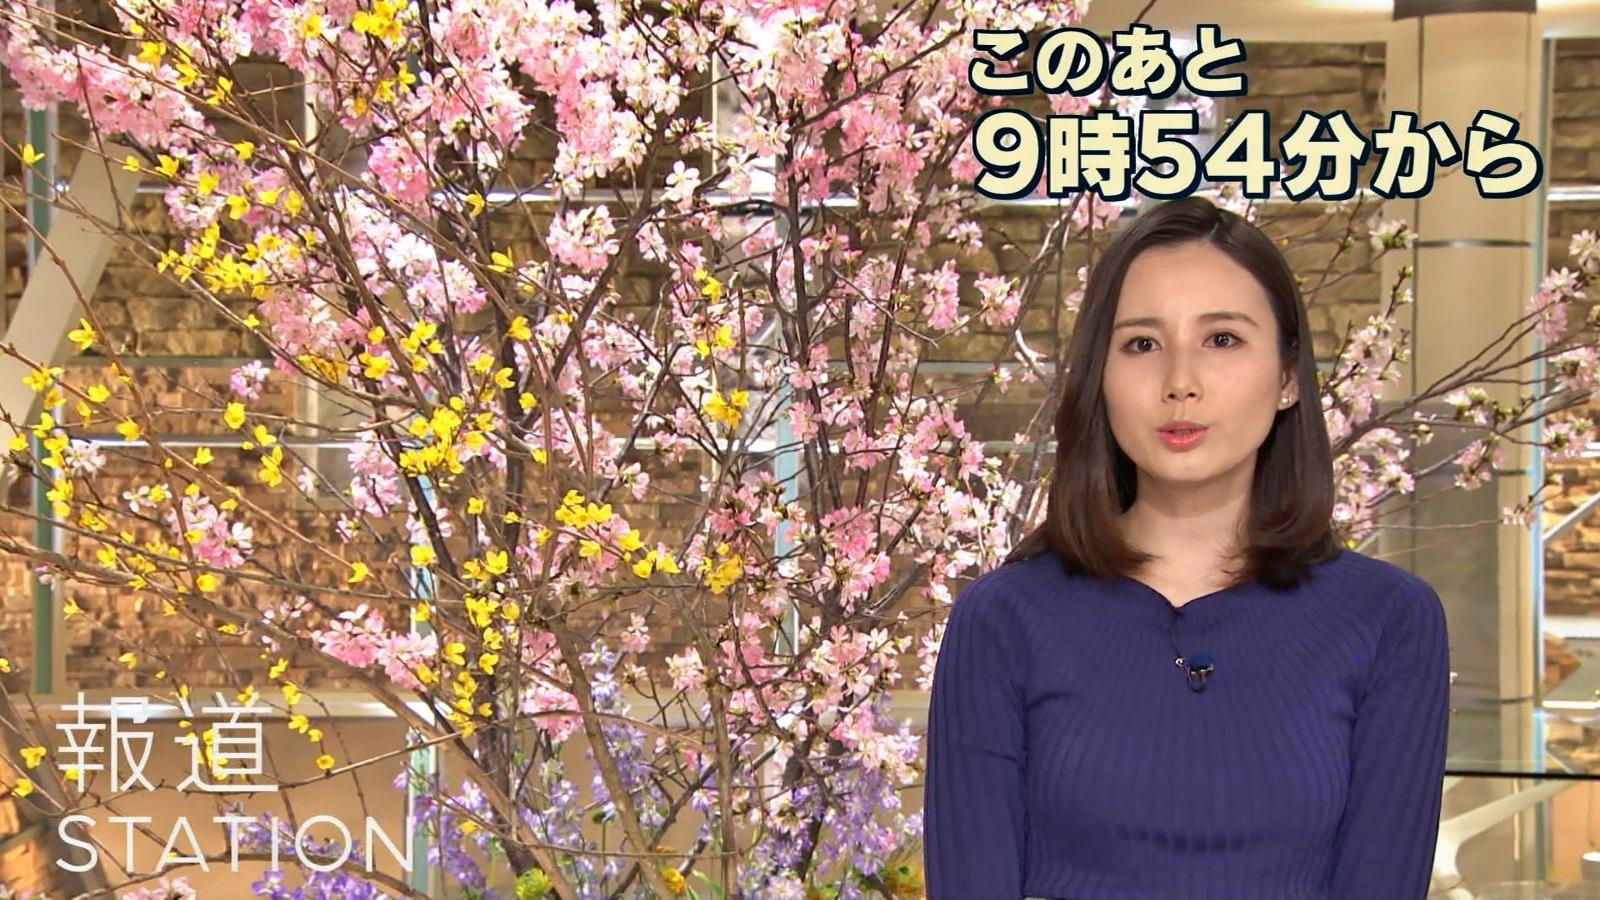 2019年3月13日「報道ステーション」森川夕貴さんのテレビキャプチャー画像-003